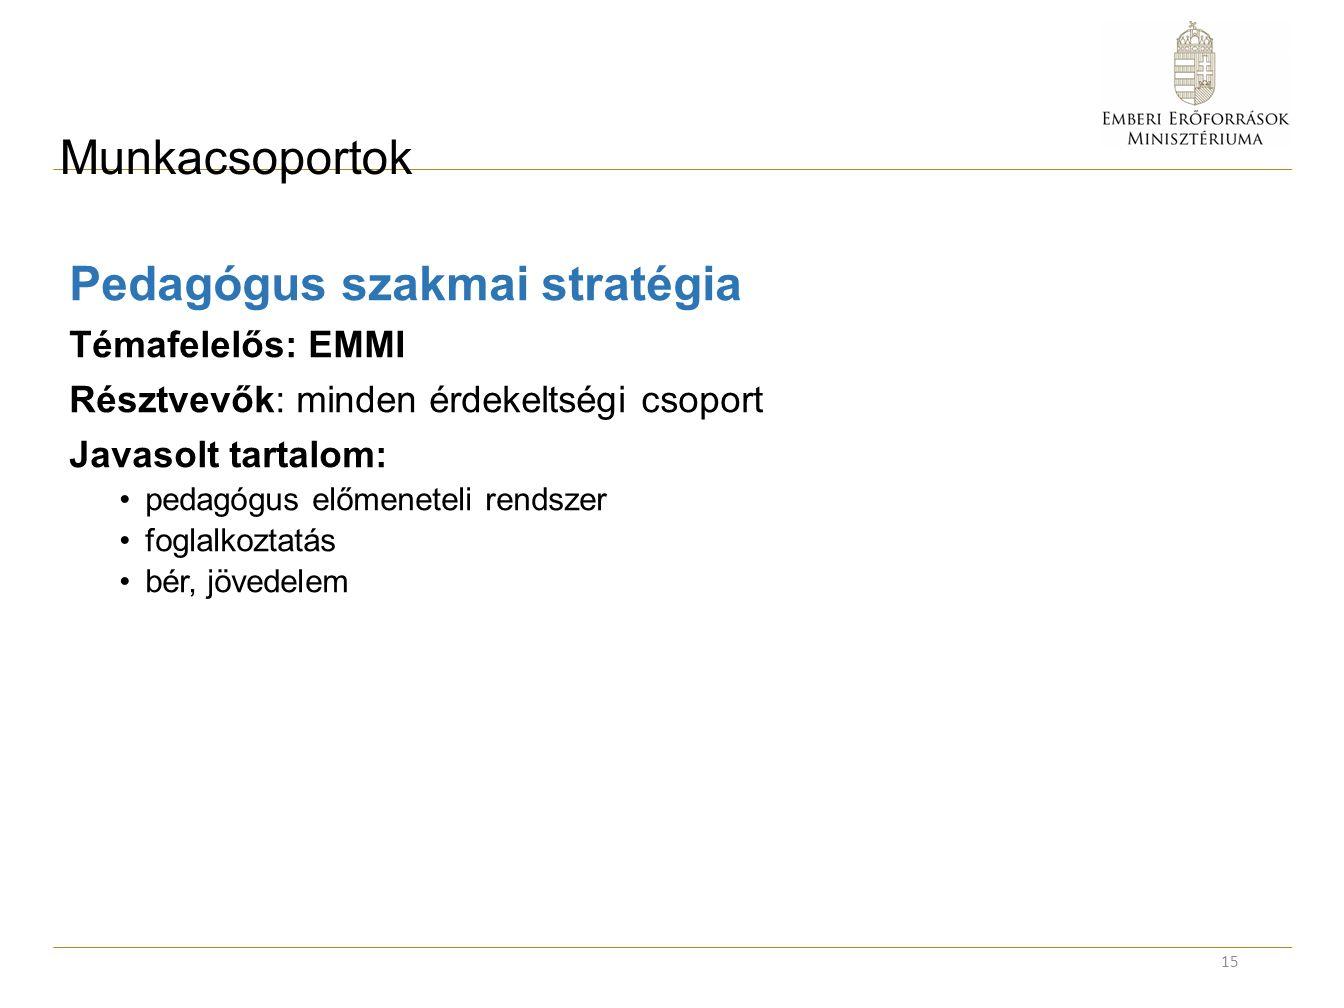 Munkacsoportok Pedagógus szakmai stratégia Témafelelős: EMMI Résztvevők: minden érdekeltségi csoport Javasolt tartalom: pedagógus előmeneteli rendszer